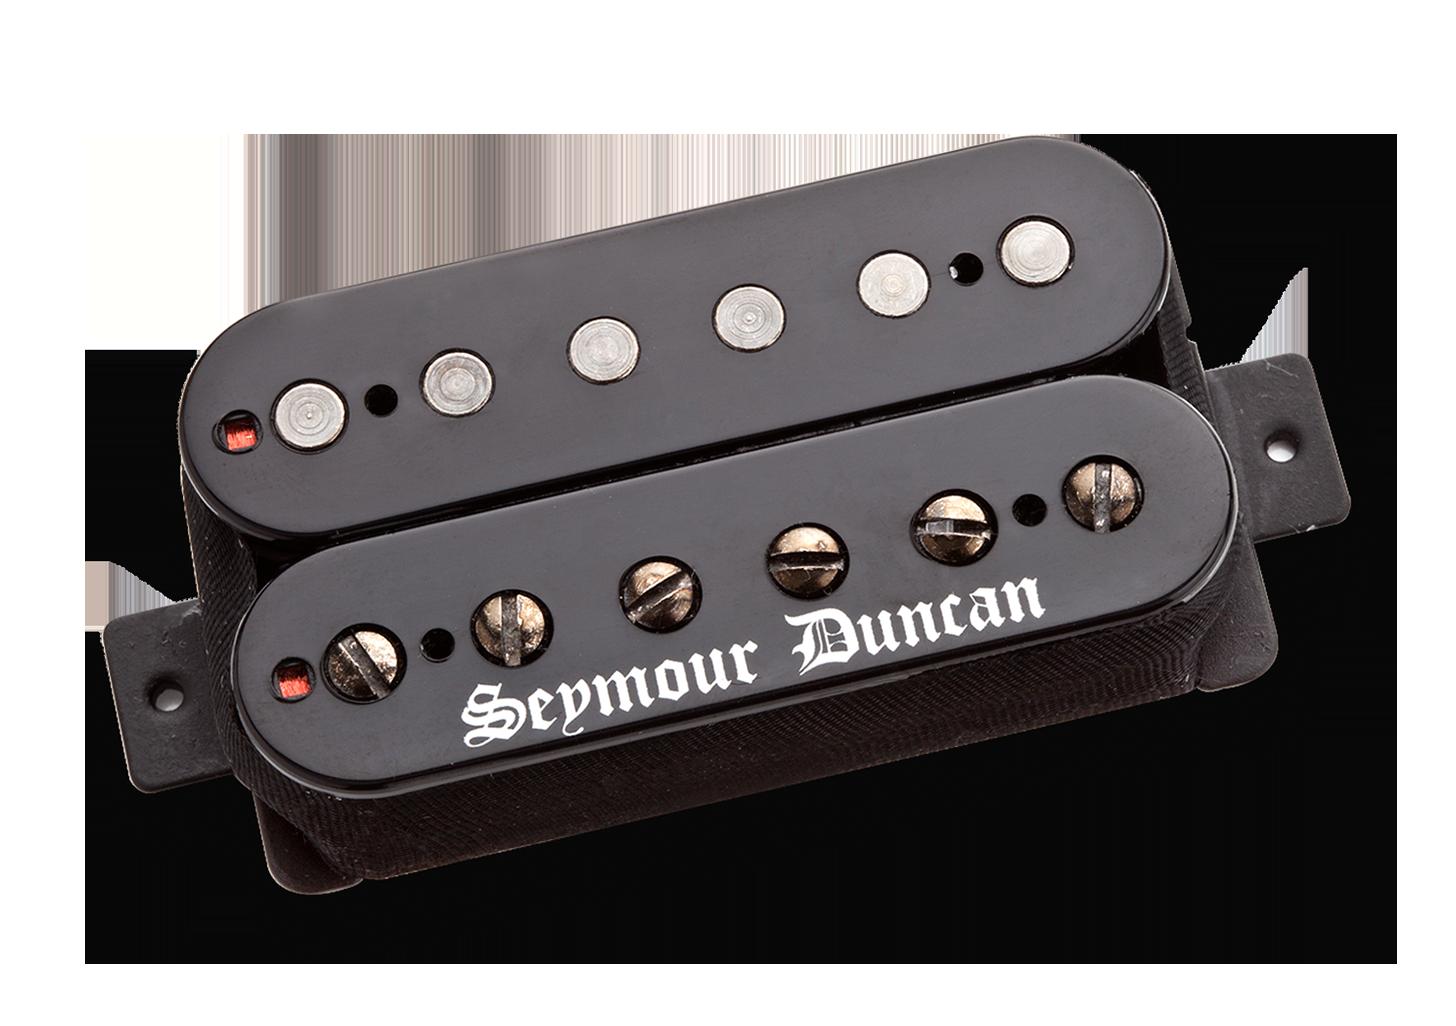 Seymour Duncan Black Winter Humbucker - Trembucker Black